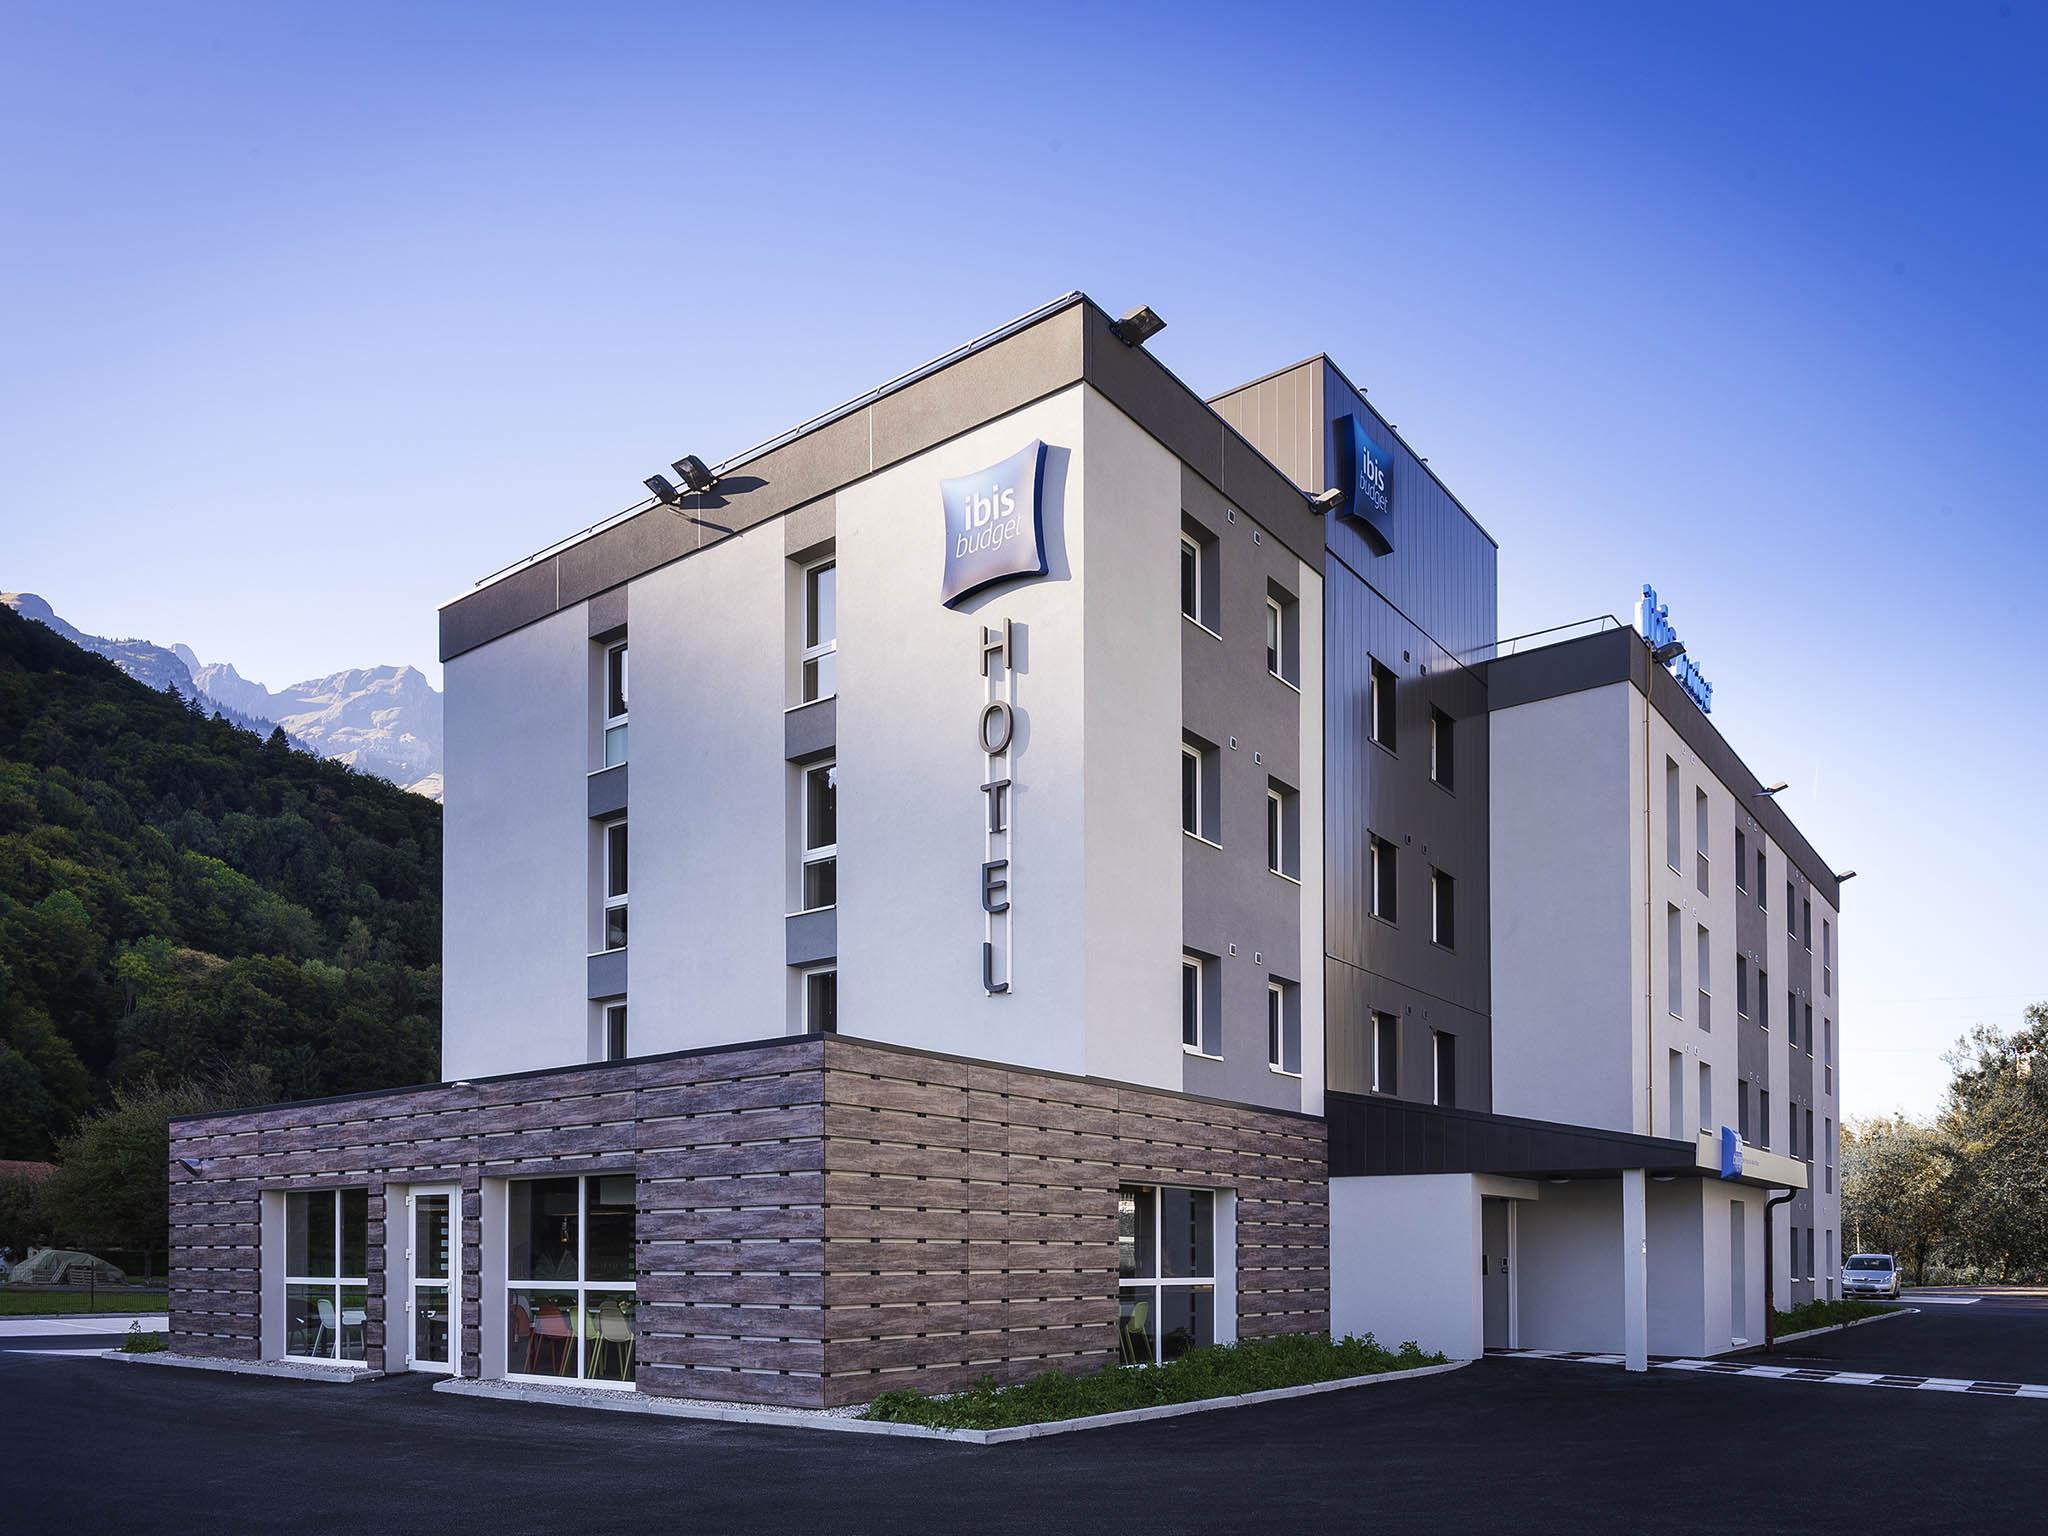 Hotel – ibis budget Sallanches Pays du Mont-Blanc